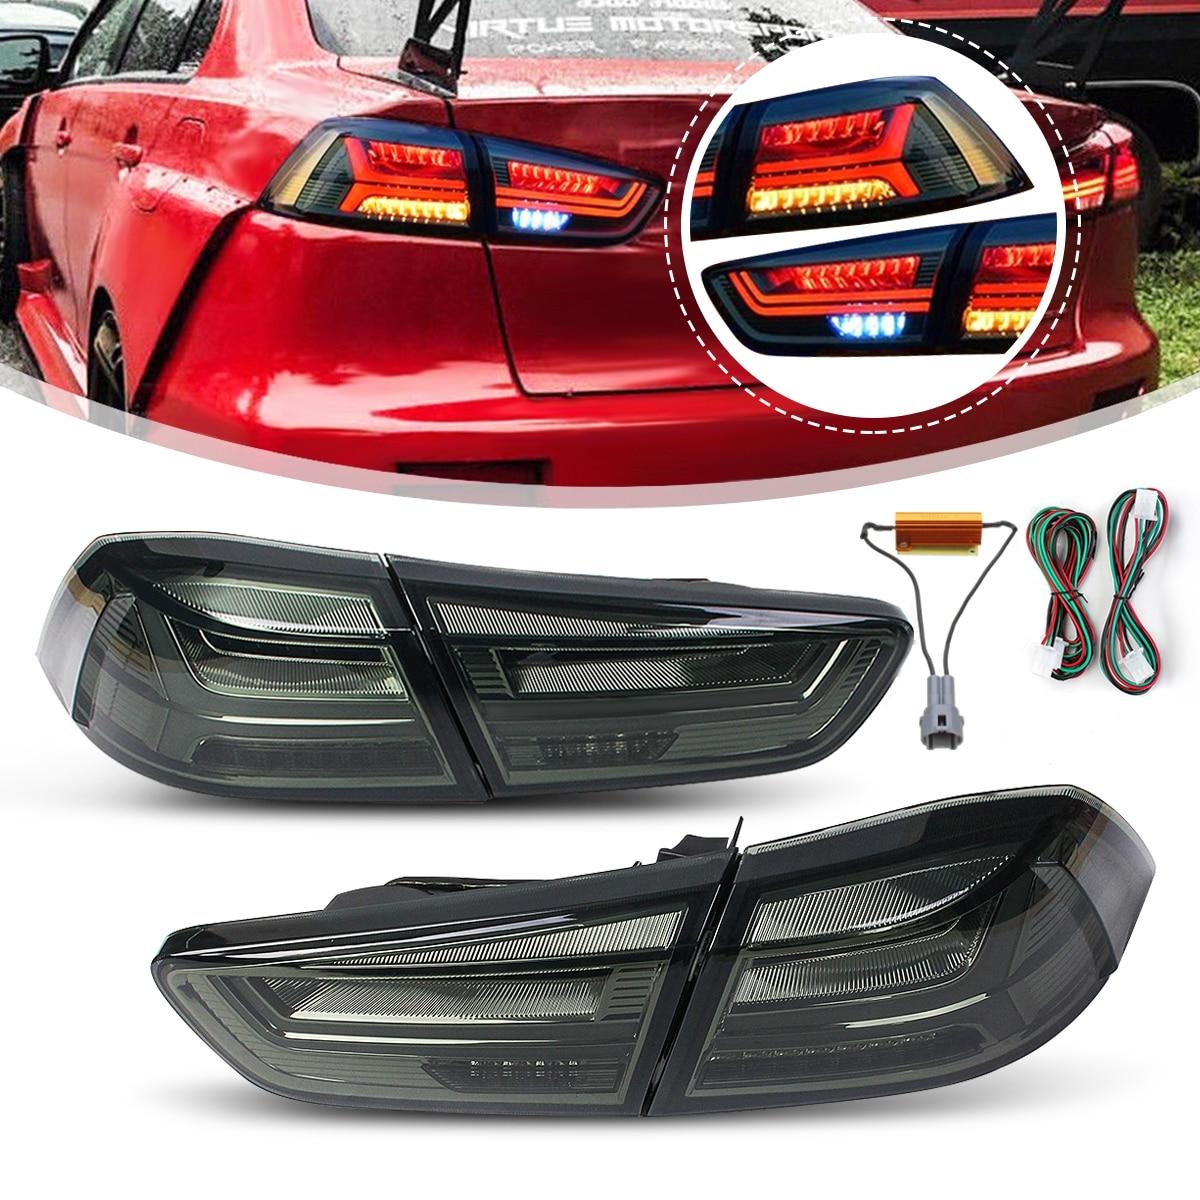 1 paire pour Mitsubishi Lancer EVO x 2008-2017 Arrière LED Queue De Frein Lumière Lampe Feu arrière Signal LED DRL Arrêter Arrière Lampe Accessoires